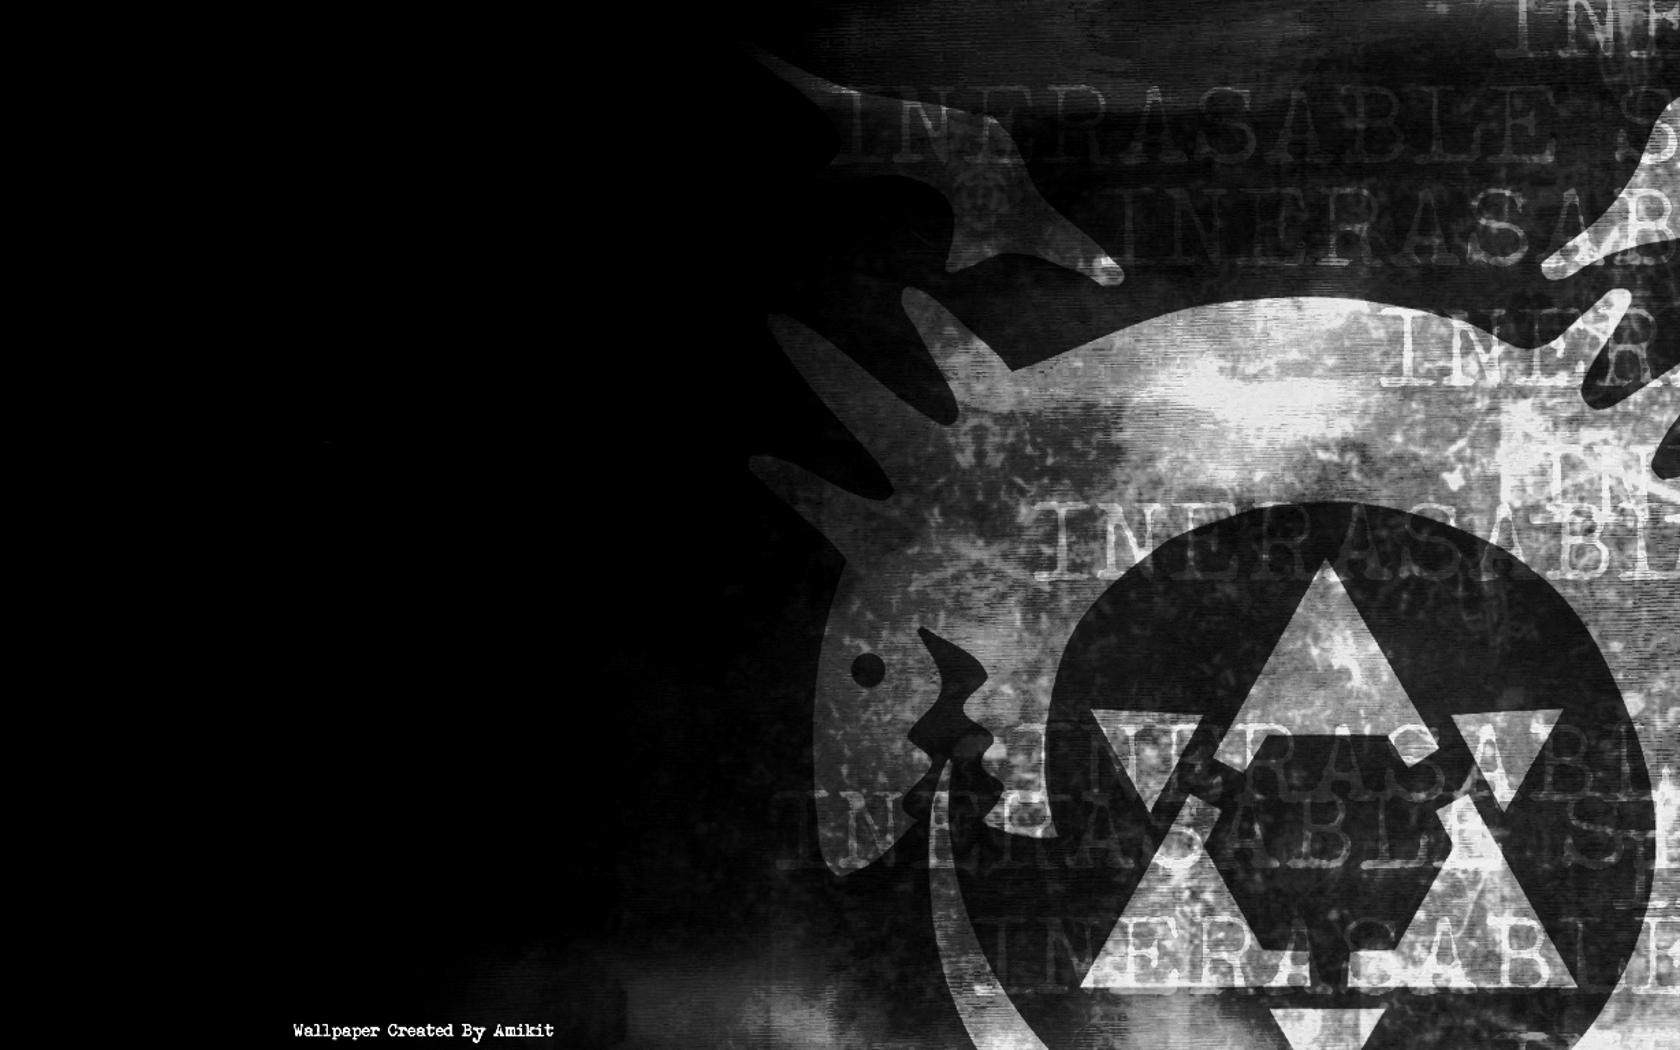 Fullmetal Alchemist Wallpaper 1680x1050 Anime Fullmetal Alchemist 1680x1050